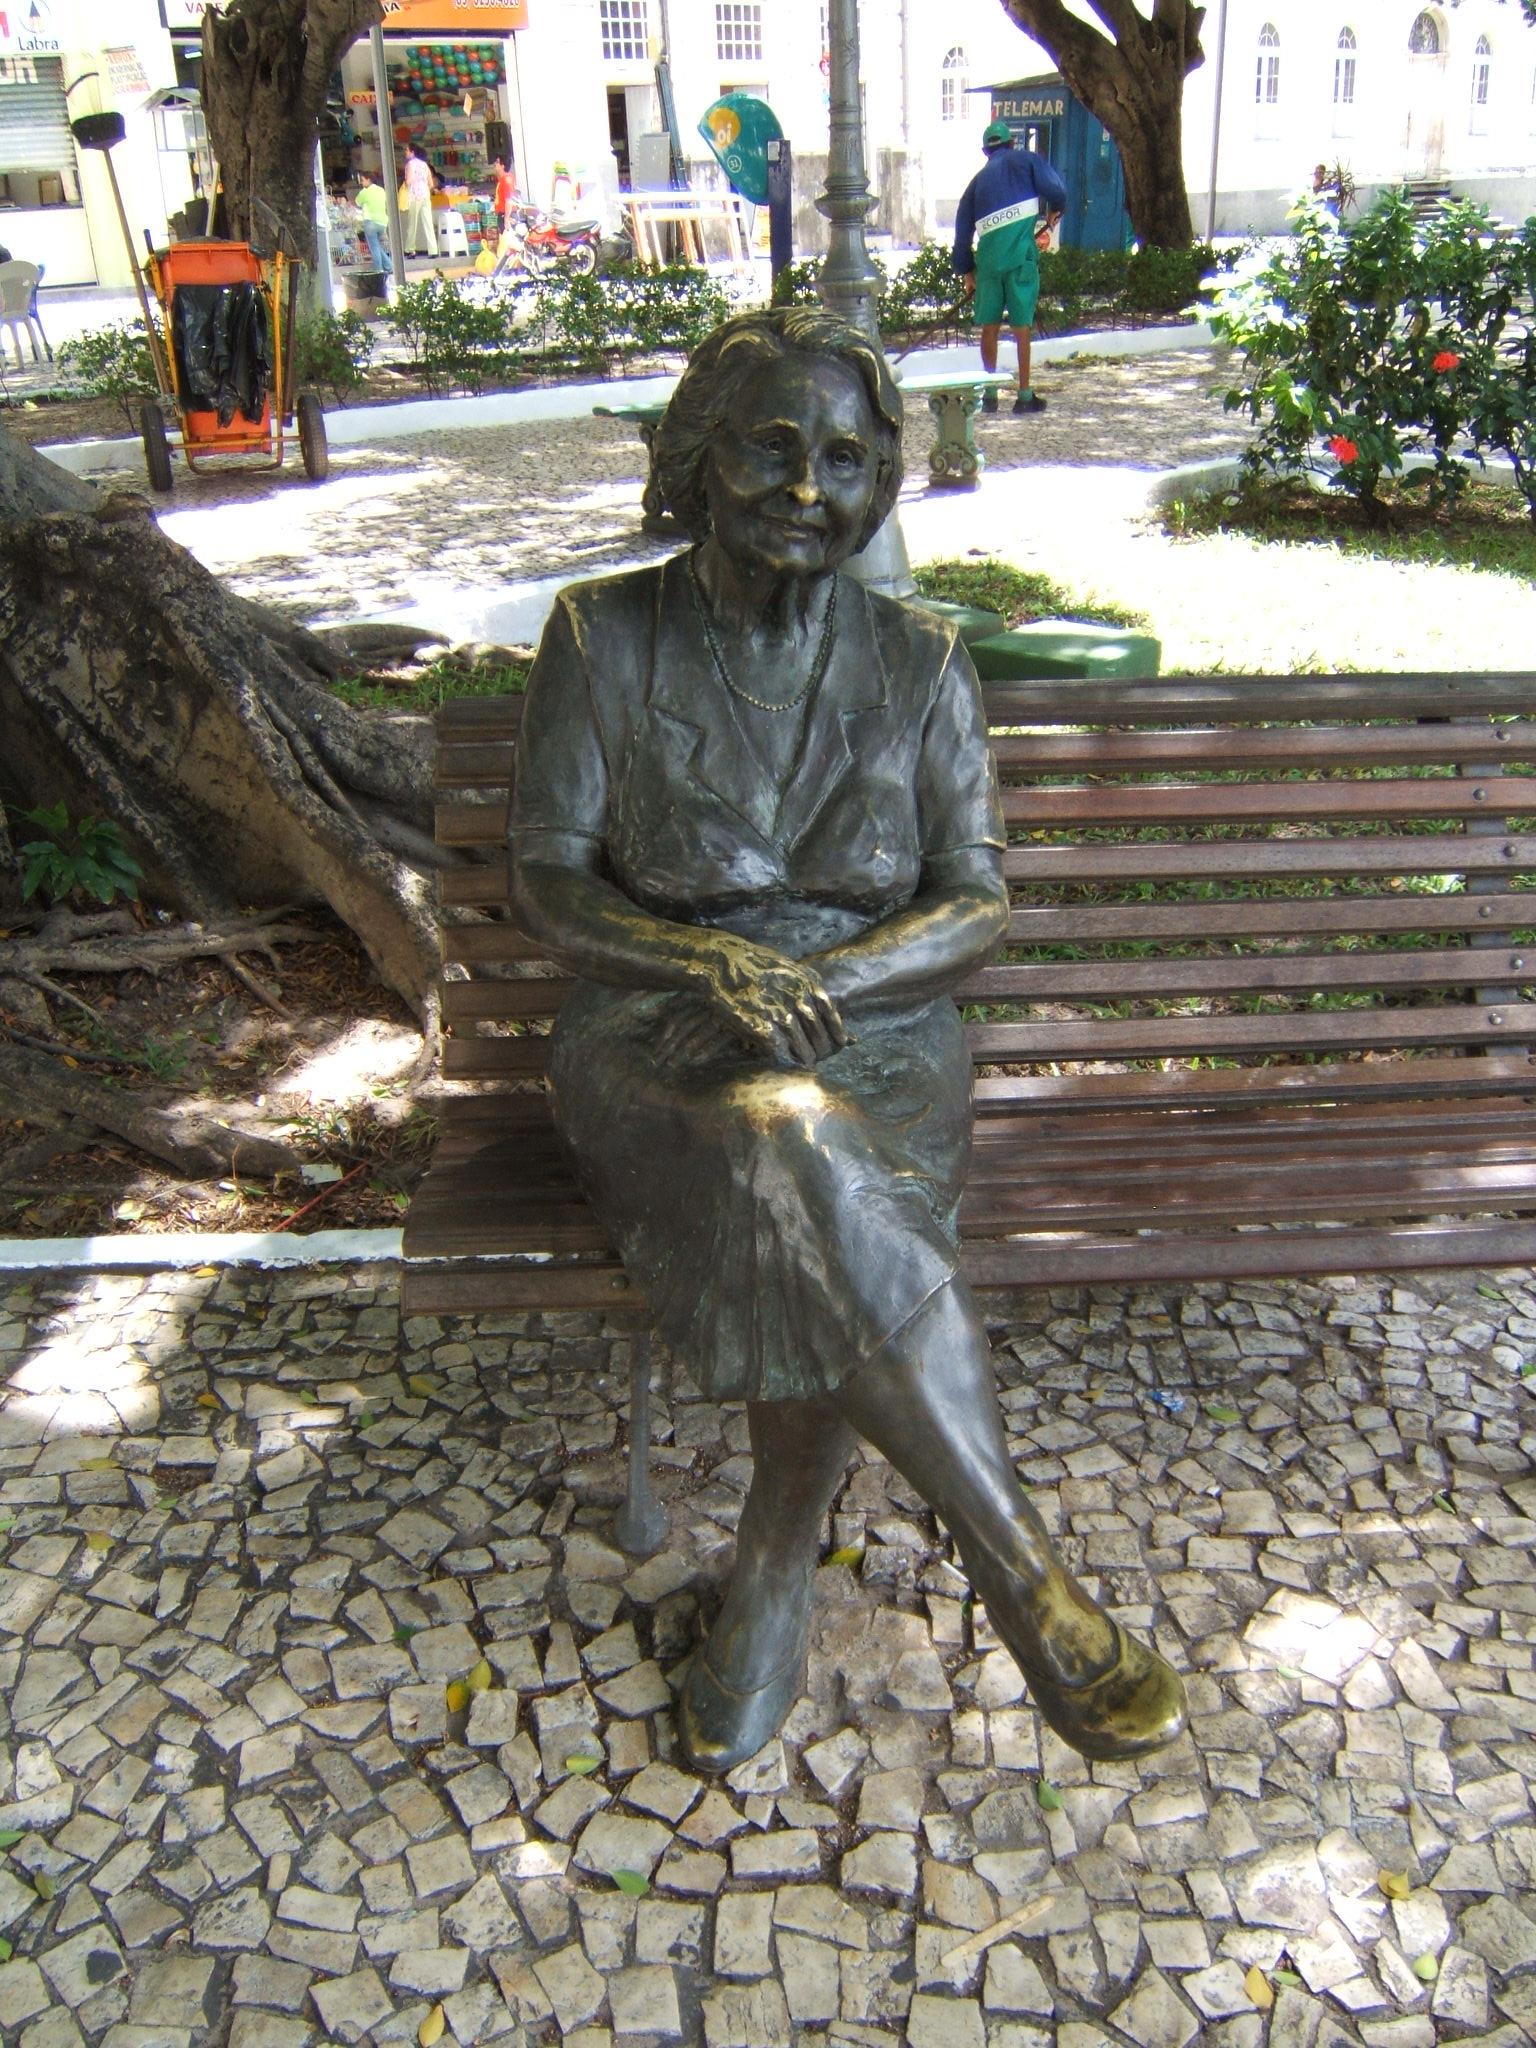 Em homenagem à Rachel de Queiroz, uma estátua foi construída em Fortaleza (FOTO: Wikipidia)